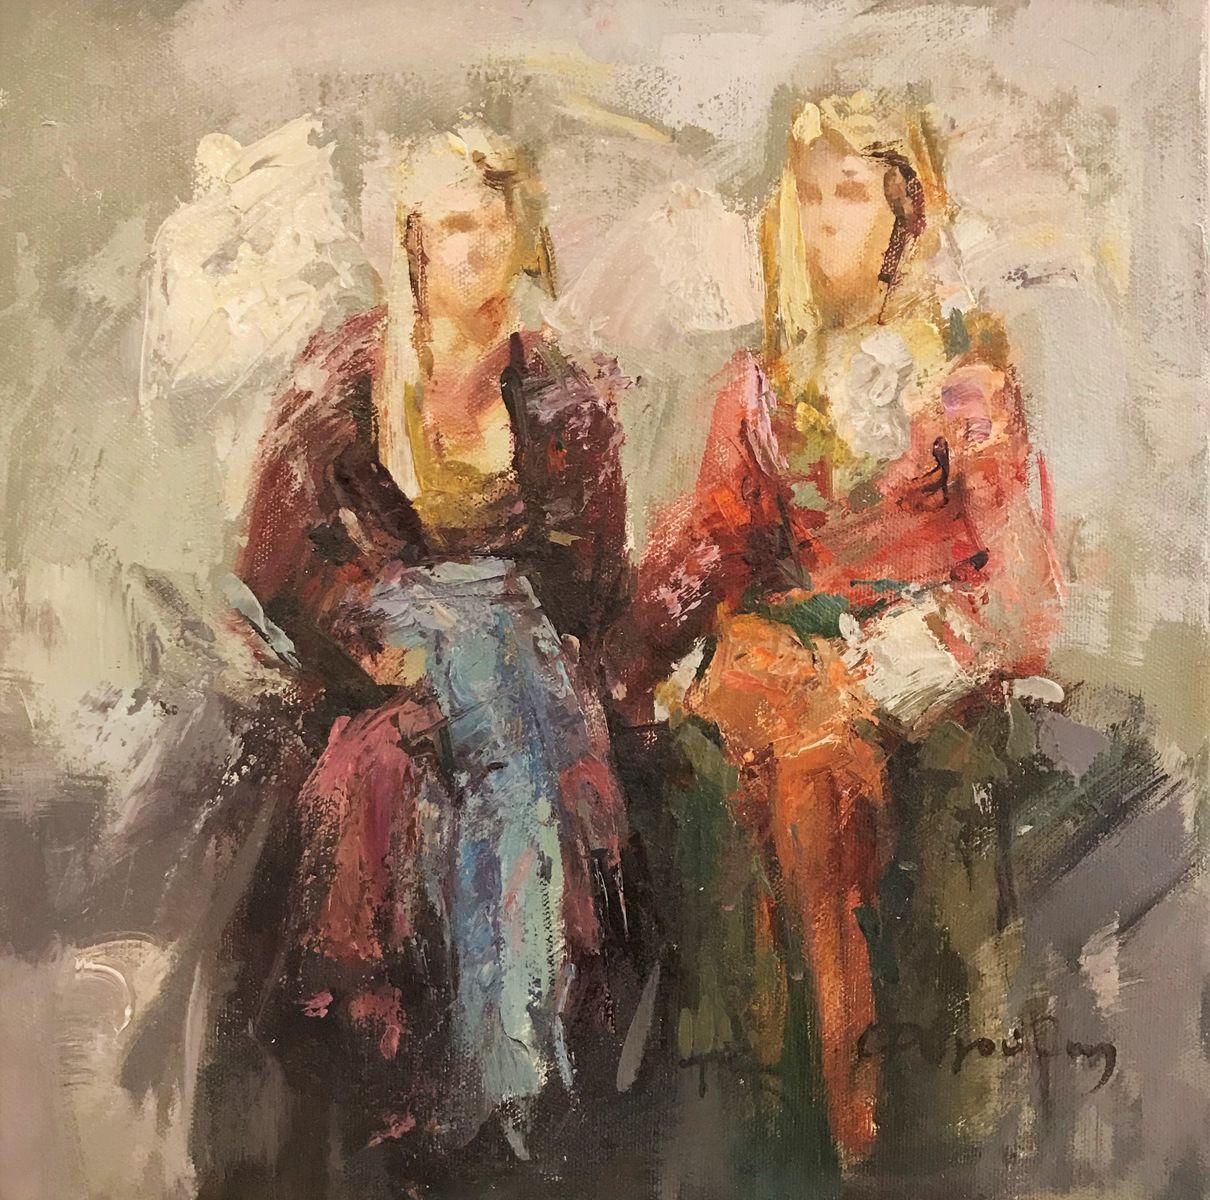 Κώστας Ρηγούλης 30×30 εκ. Λάδια σε καμβά Costas Rigoulis 30×30 cm Oils on canvas (4)